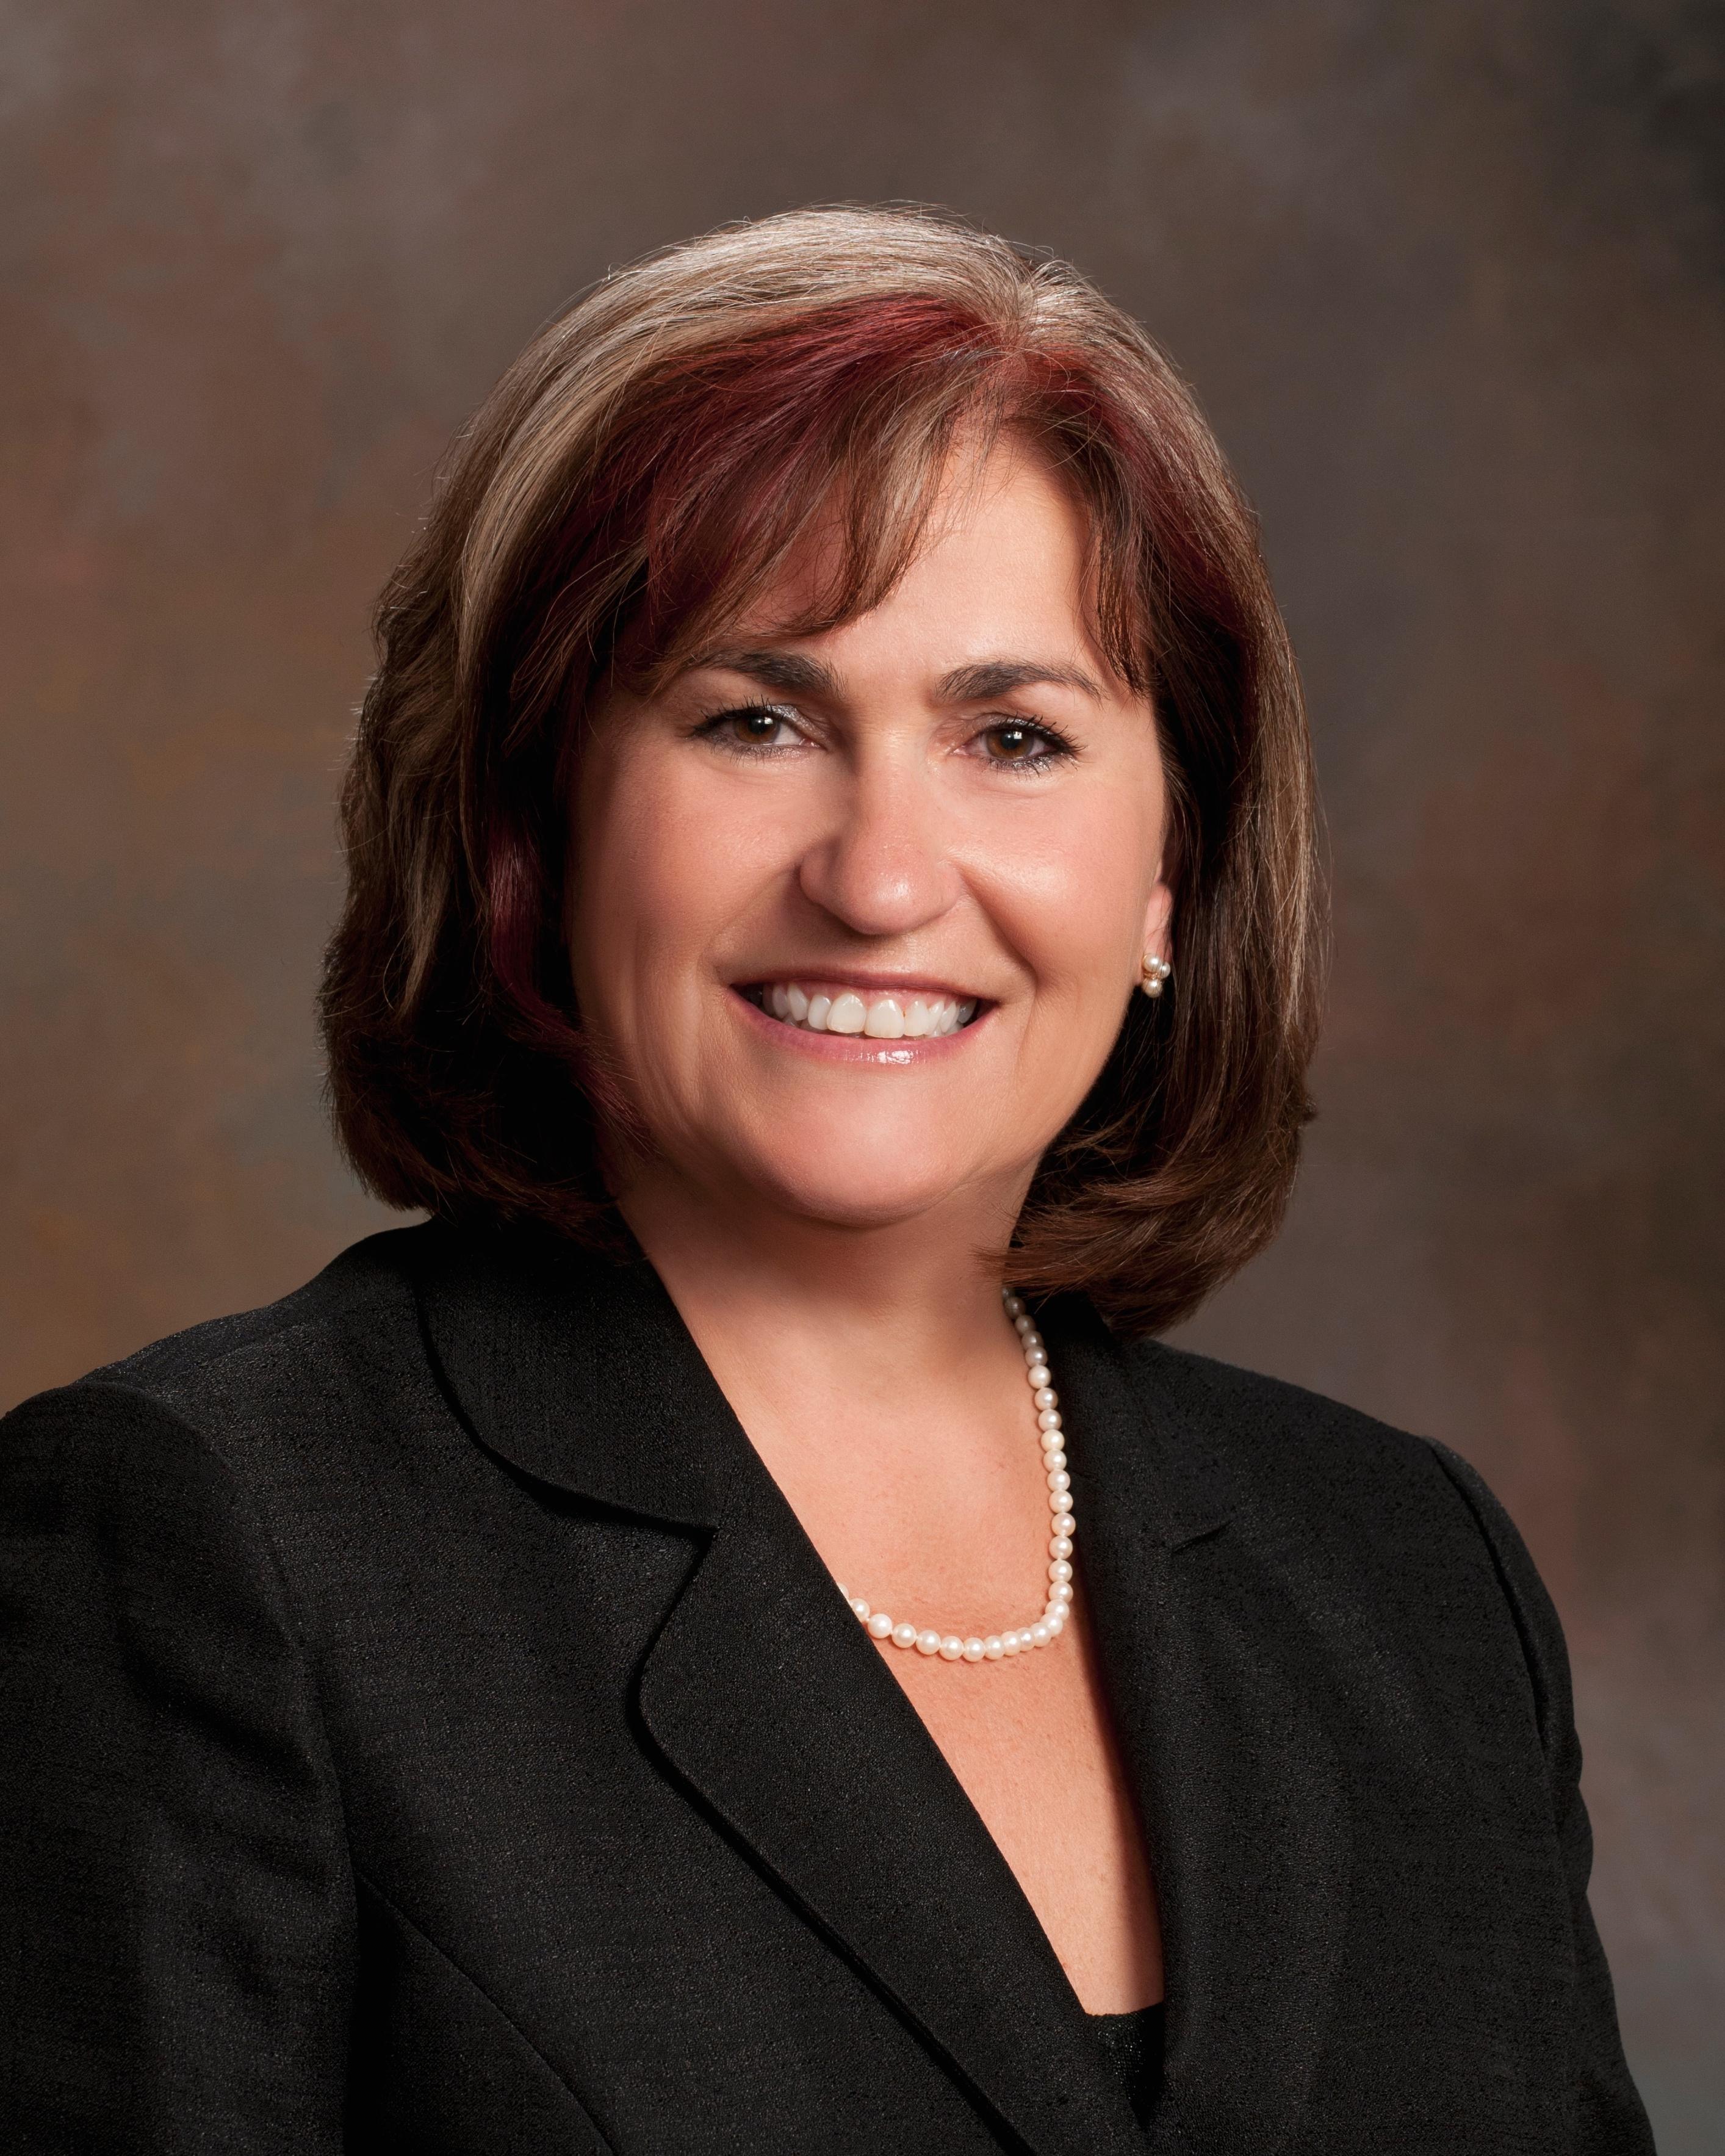 Dr. Terri L. Winfree